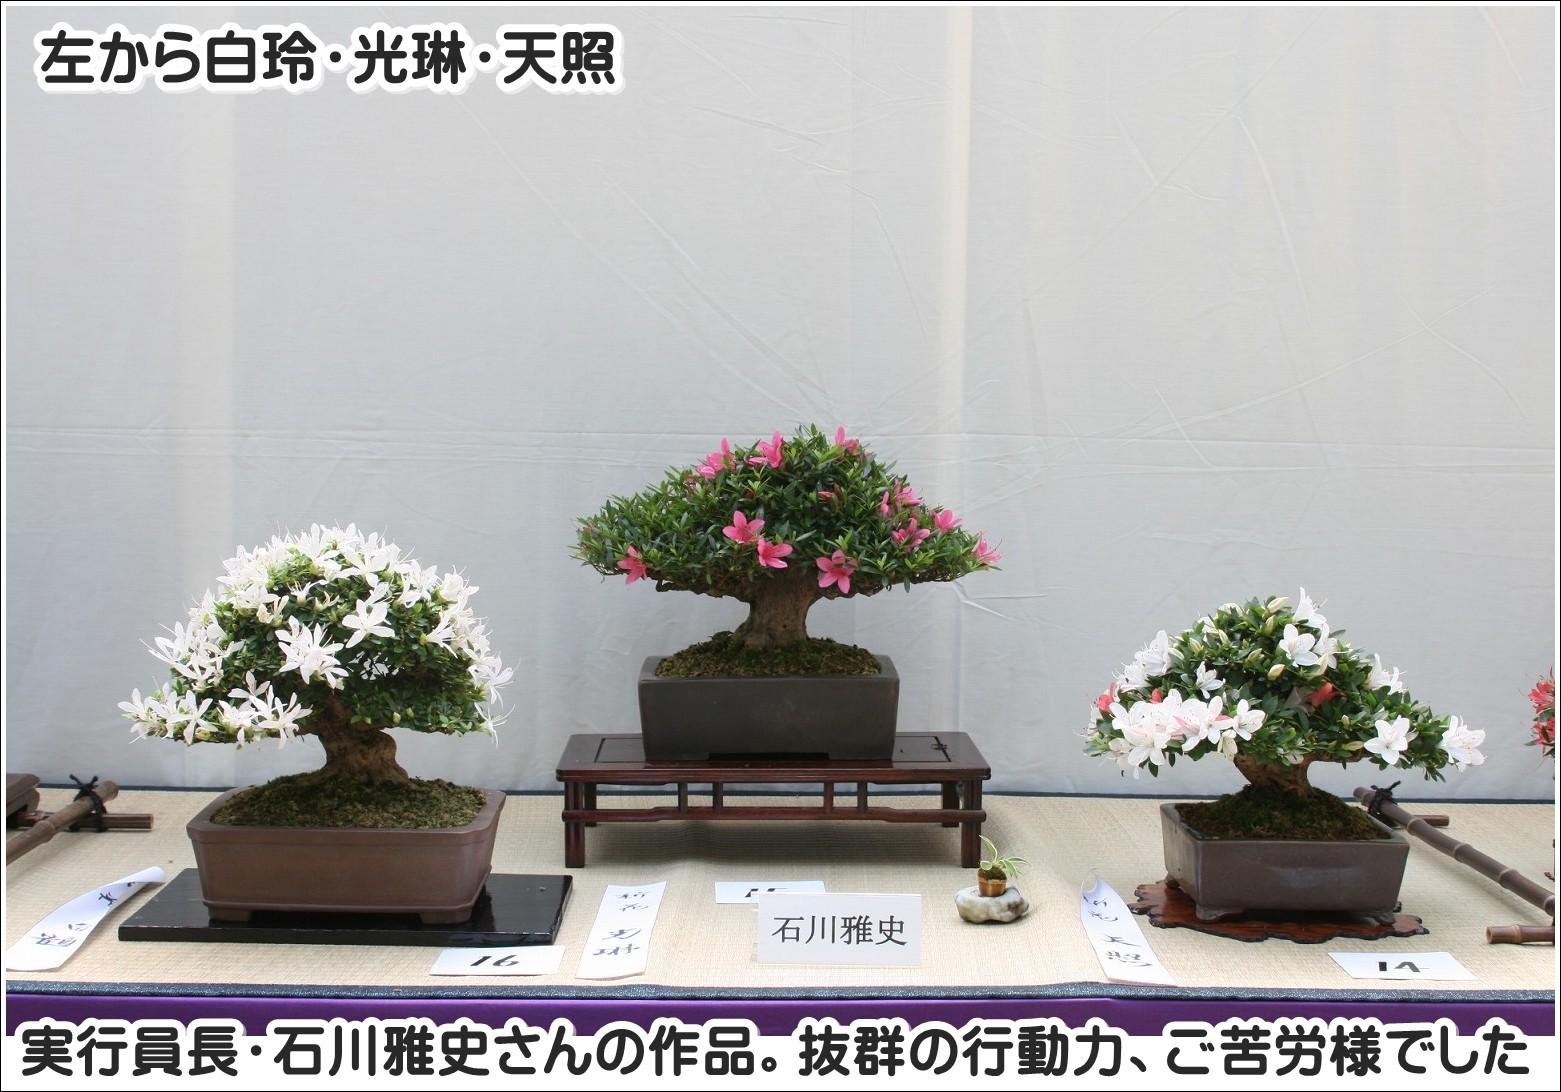 実行員長・石川雅史さんの作品。抜群の行動力、ご苦労様でした